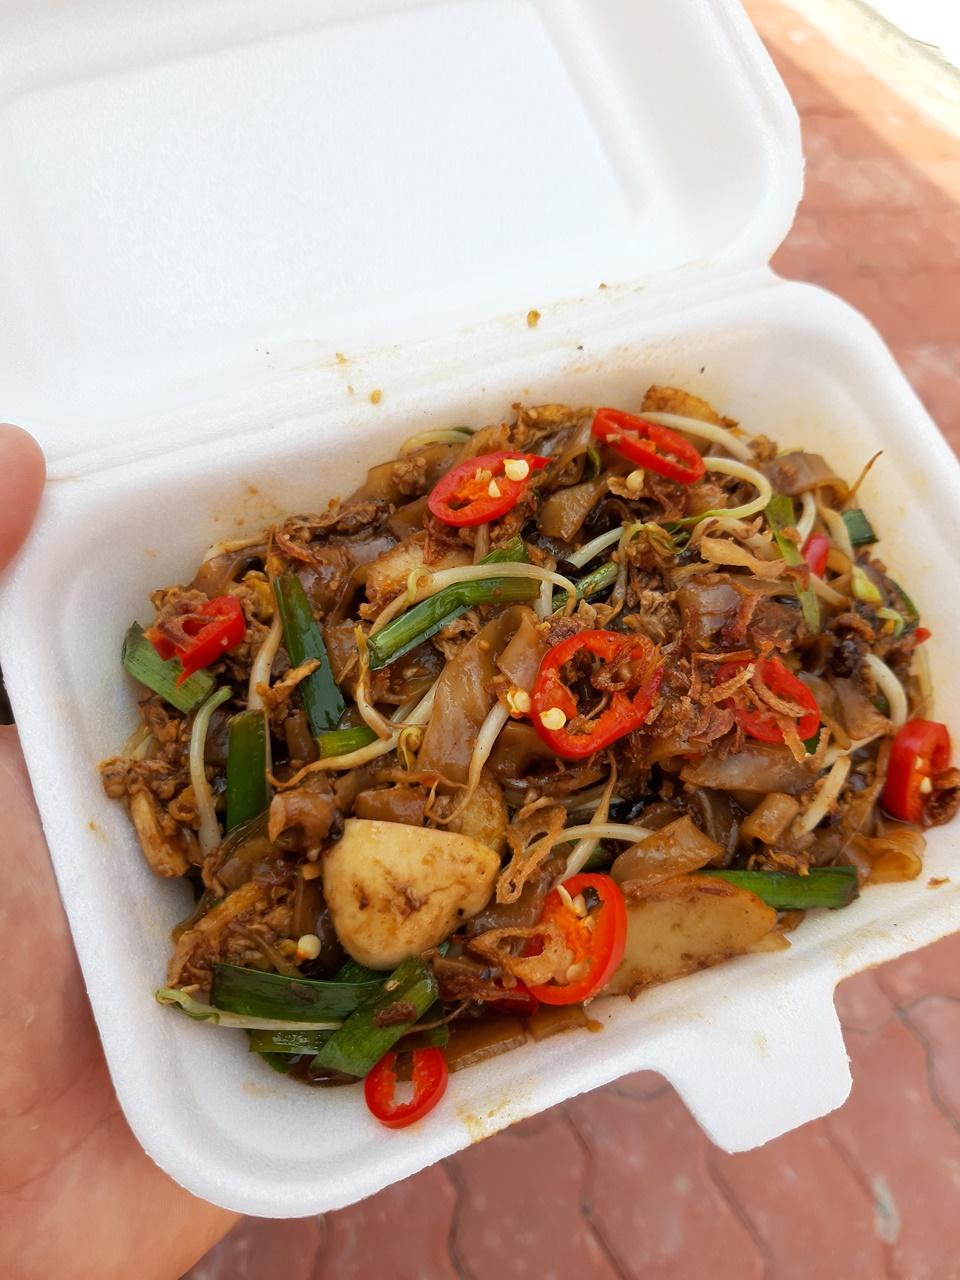 pikantné jedlo pad thai